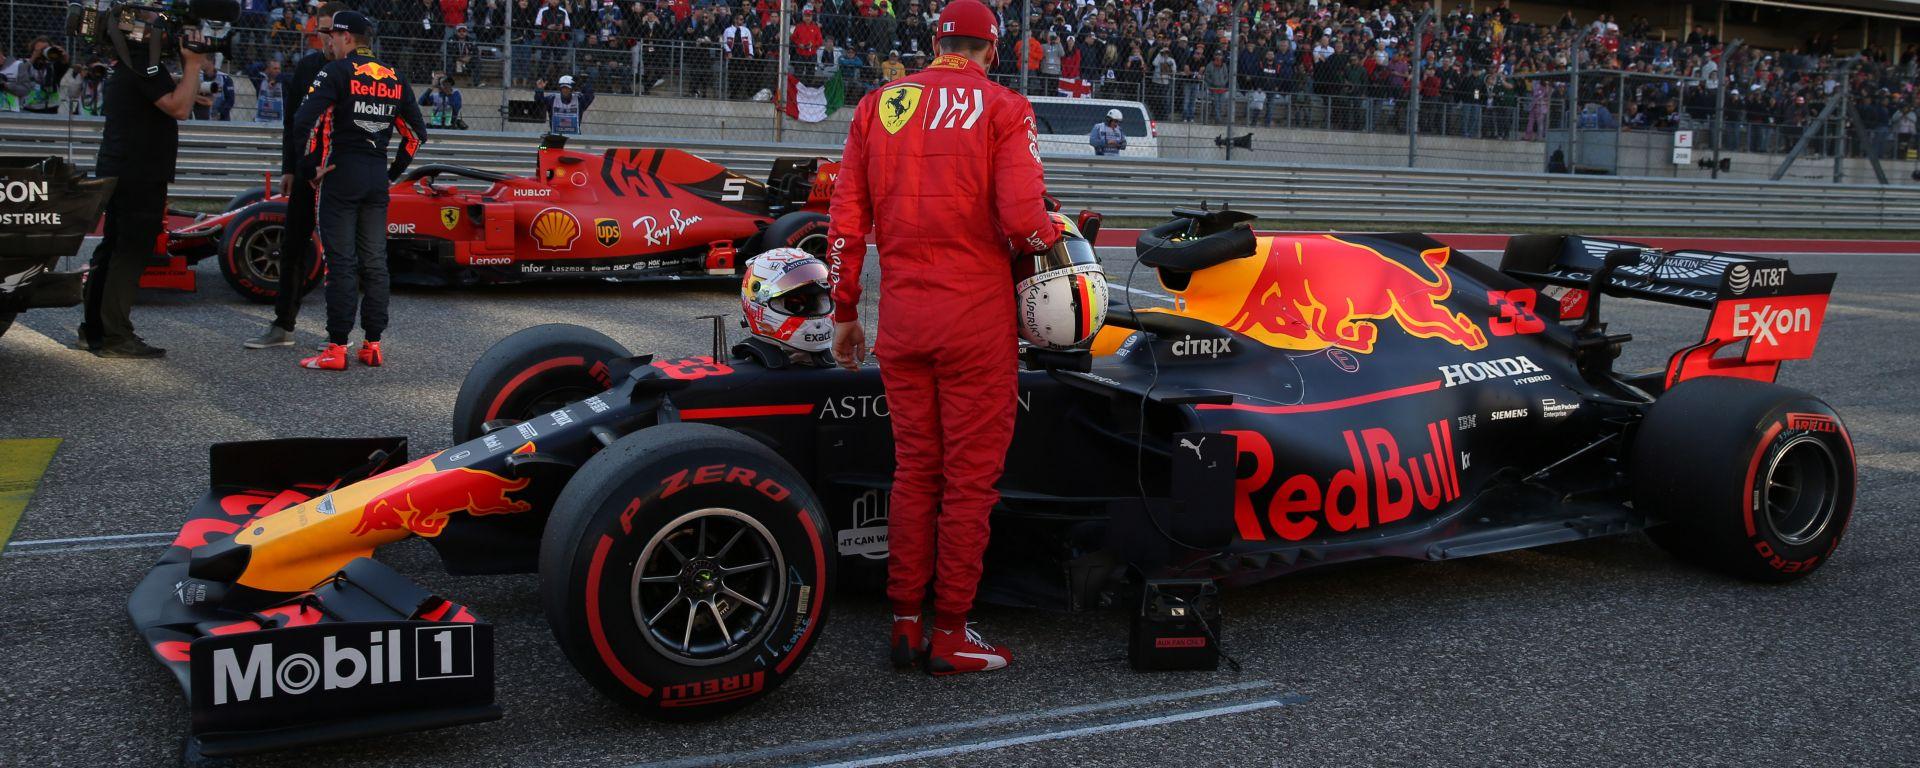 Motore Ferrari: la FIA risponde alla richiesta di chiarimento Red Bull